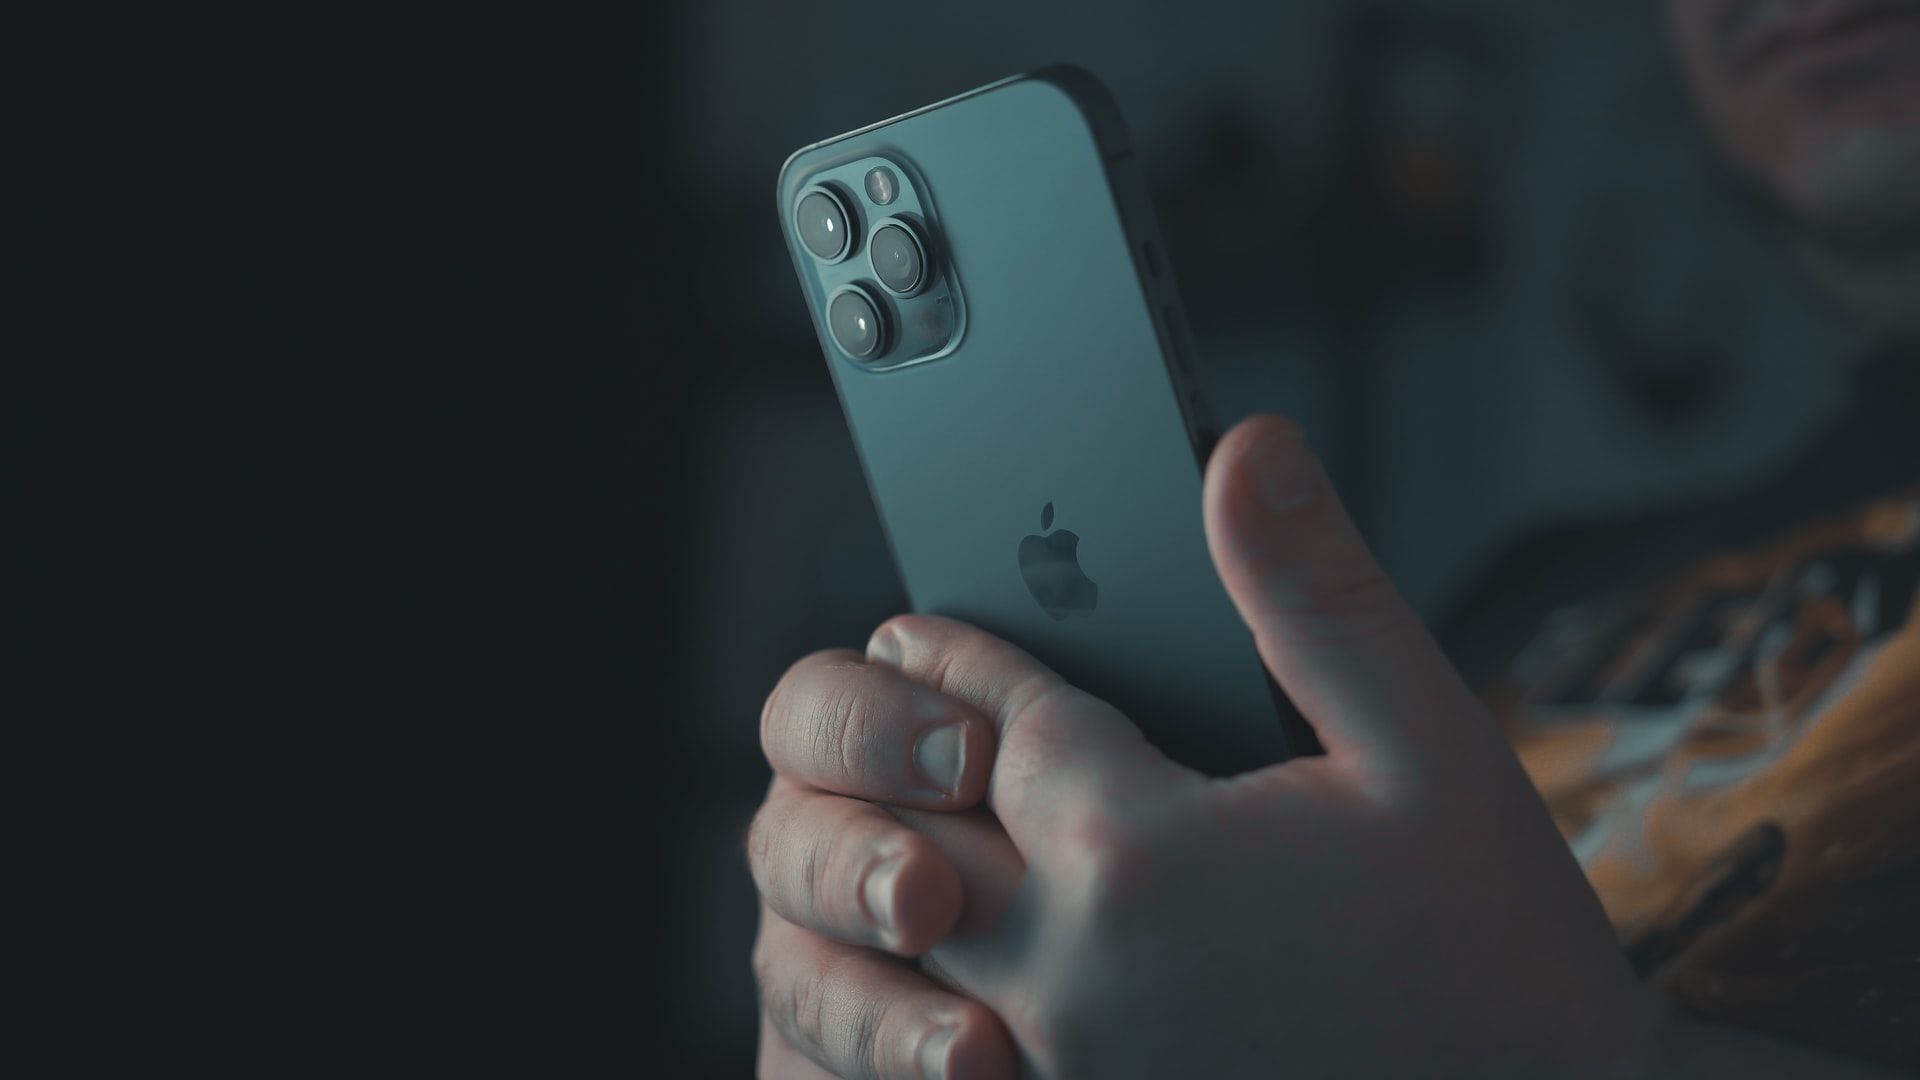 ¡Cuidado! No te conectes a esta red Wi-Fi desde tu iPhone